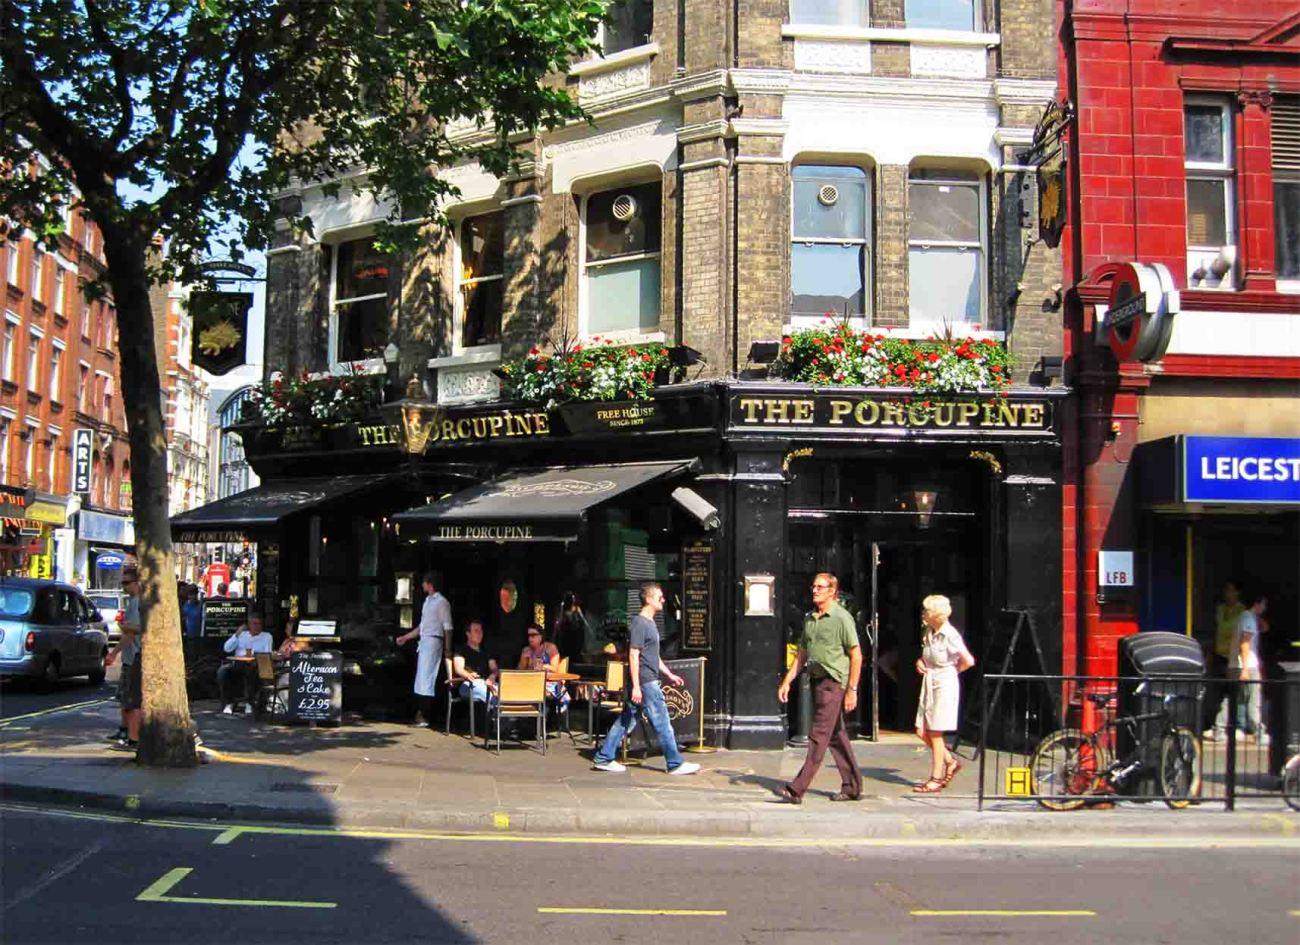 Charing Cross Road, en Londres, es otra de las localizaciones de las películas de Harry Potter